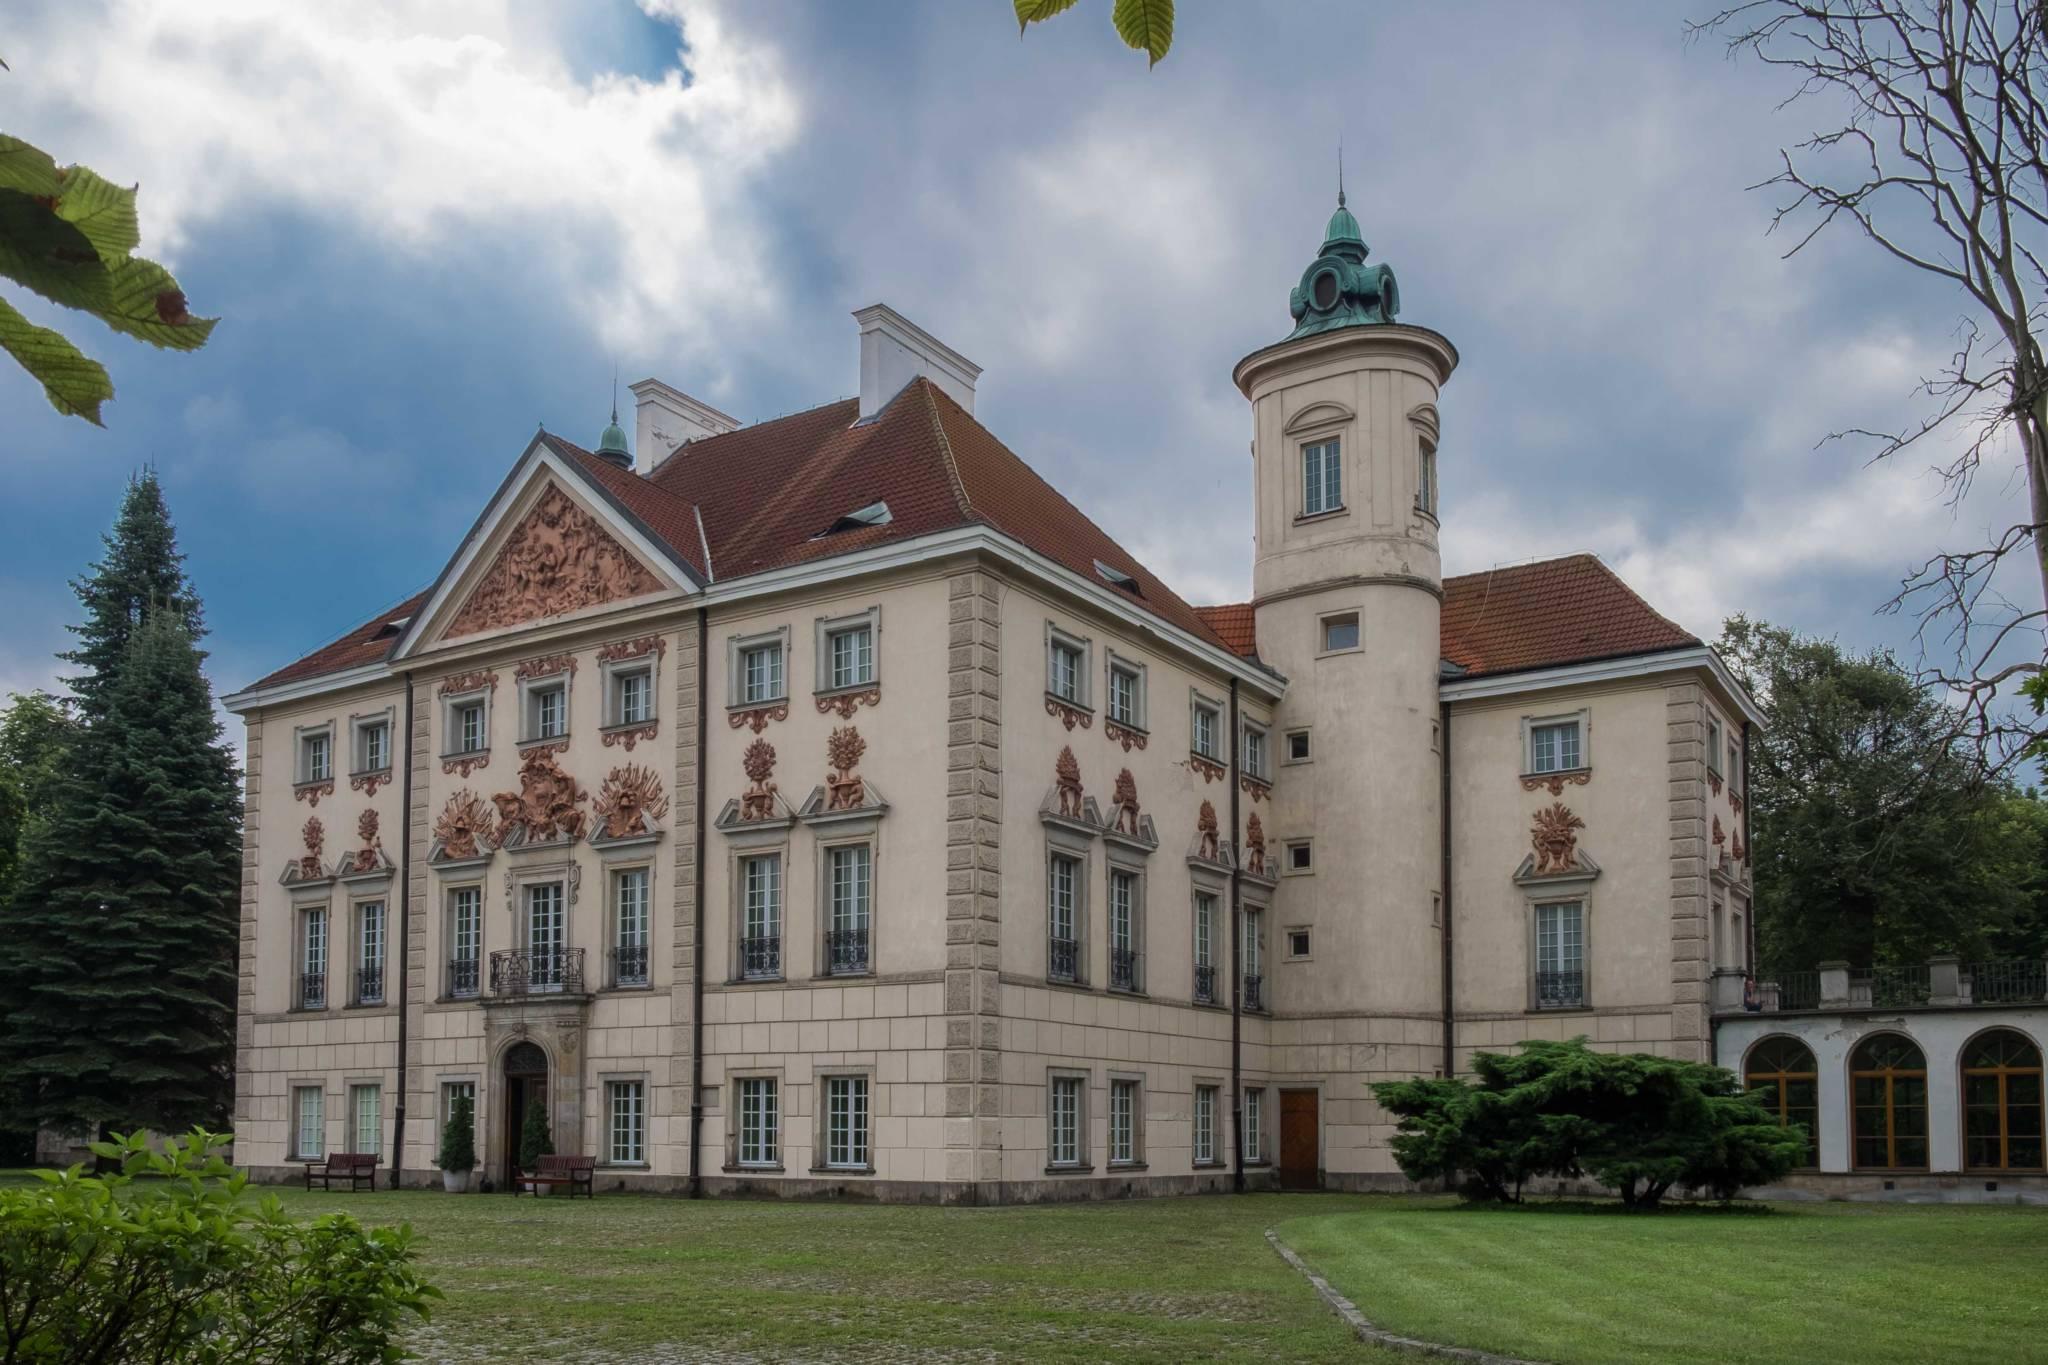 Pałac w Otwocku Wielkim (2 of 18)